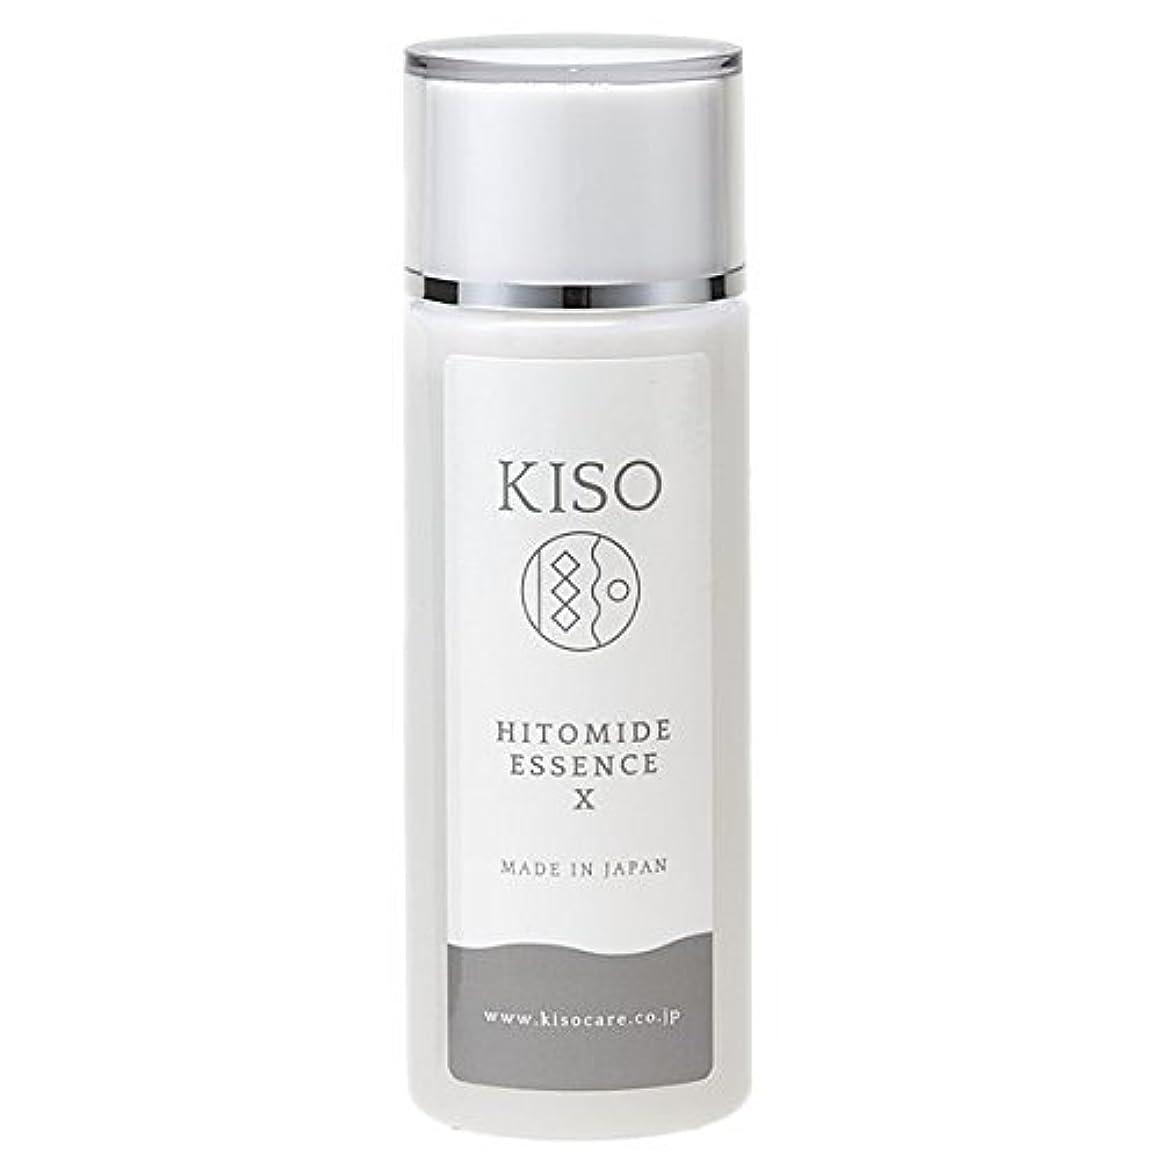 省重荷ダイヤルKISO ヒト型セラミド原液 10%配合 【ヒトミドエッセンスX 120ml】 保湿力アップ 肌荒れを防ぎキメを整えたい時に